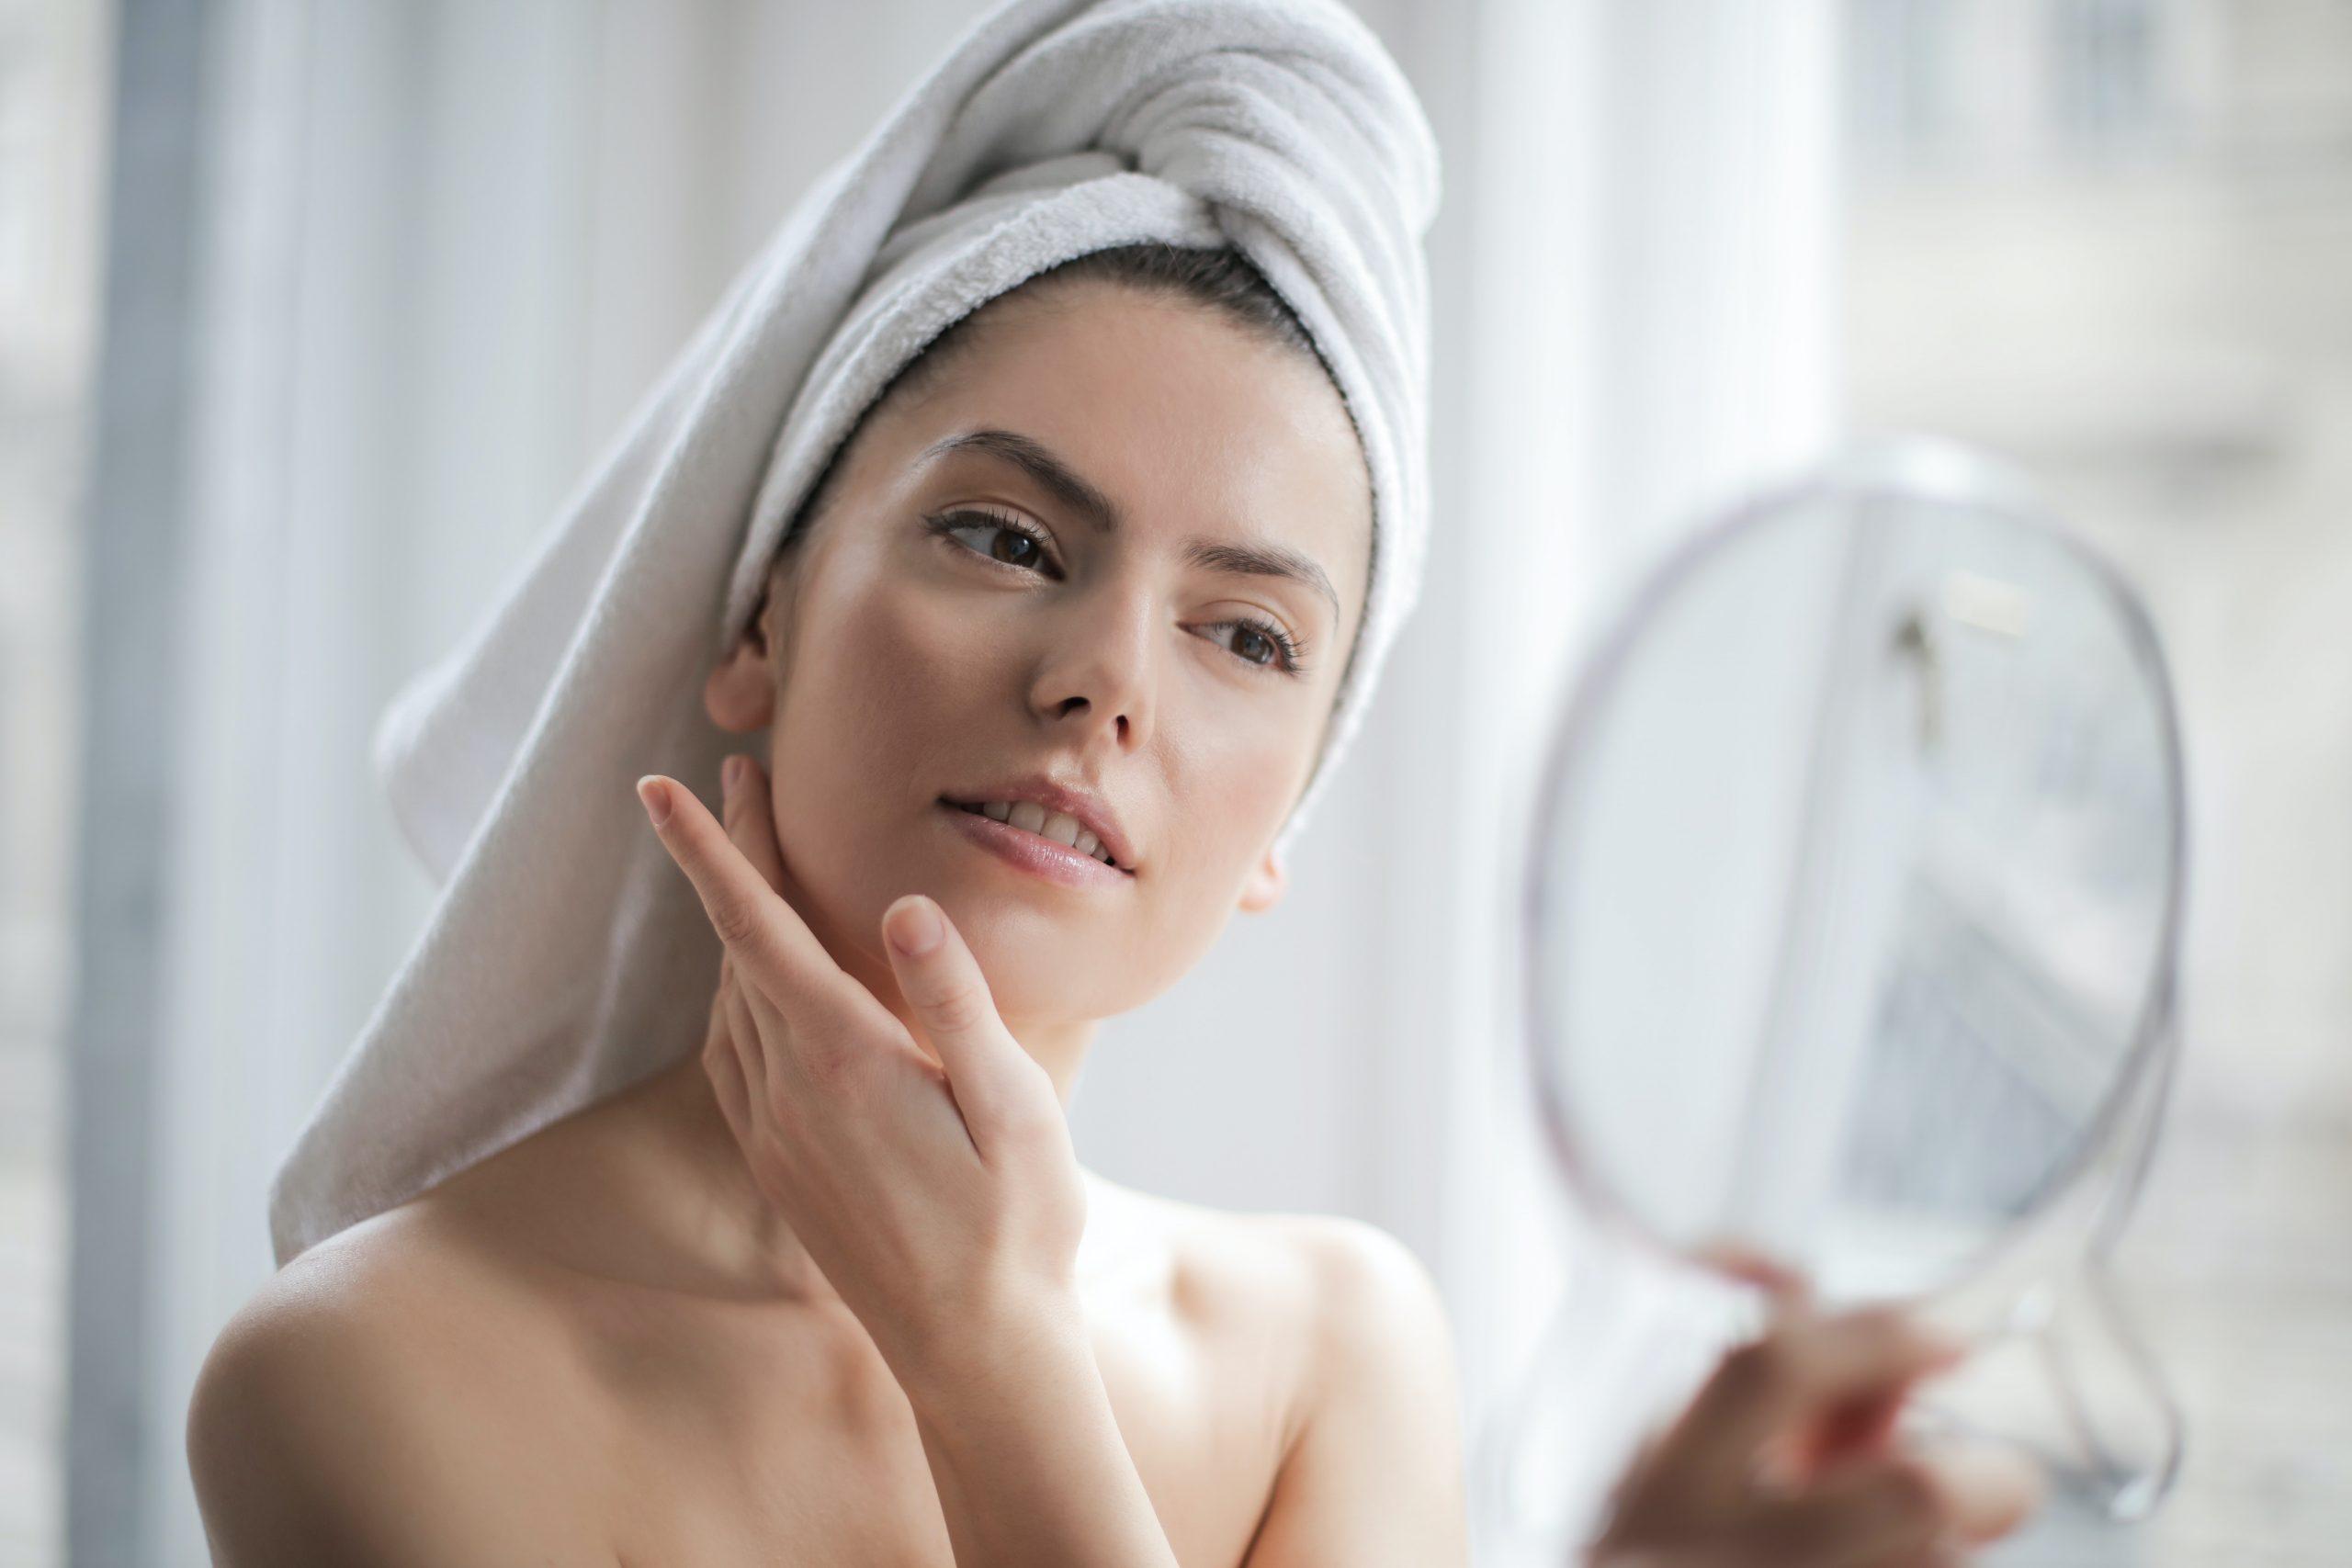 Imagem de uma mulher cuidando do rosto.